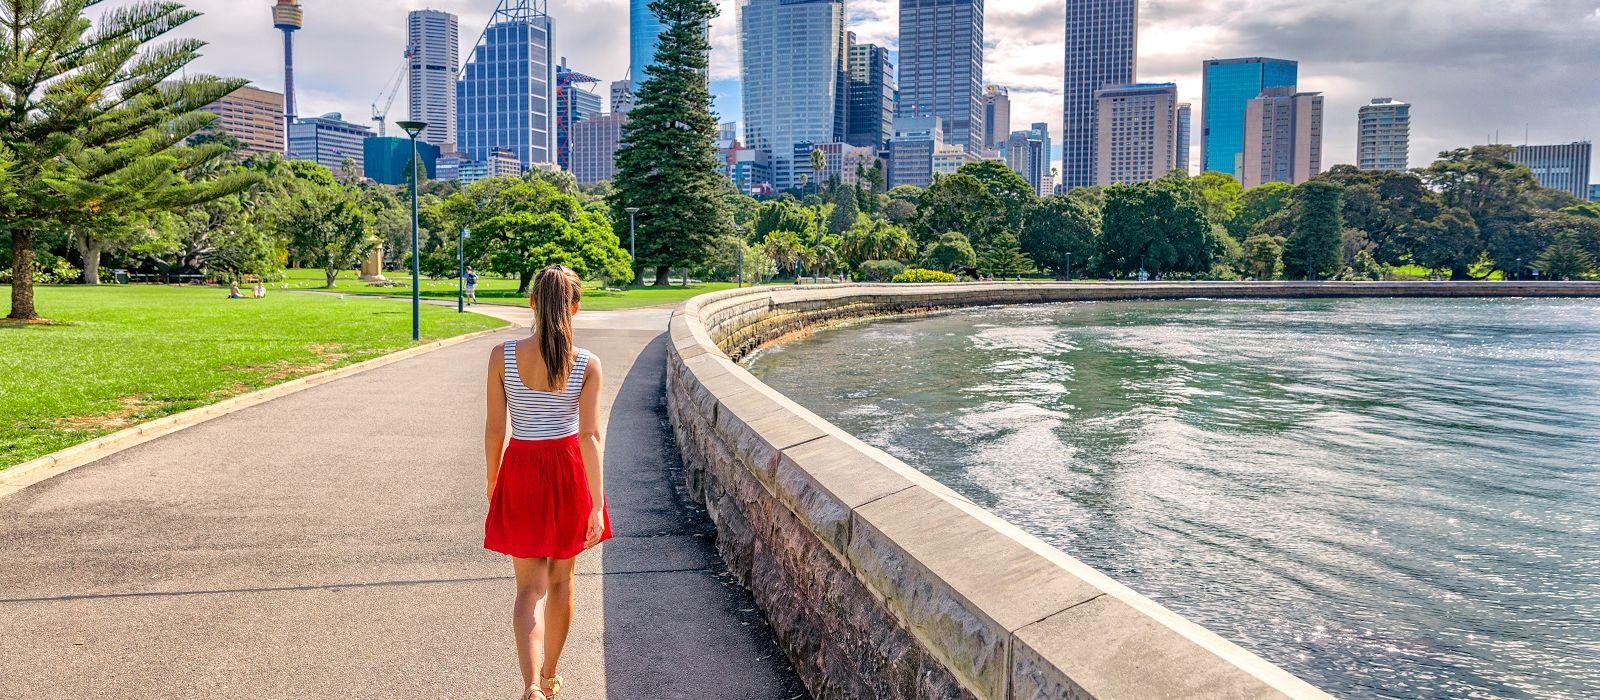 Australien: Metropolen, Nationalparks & Strände Urlaub 1